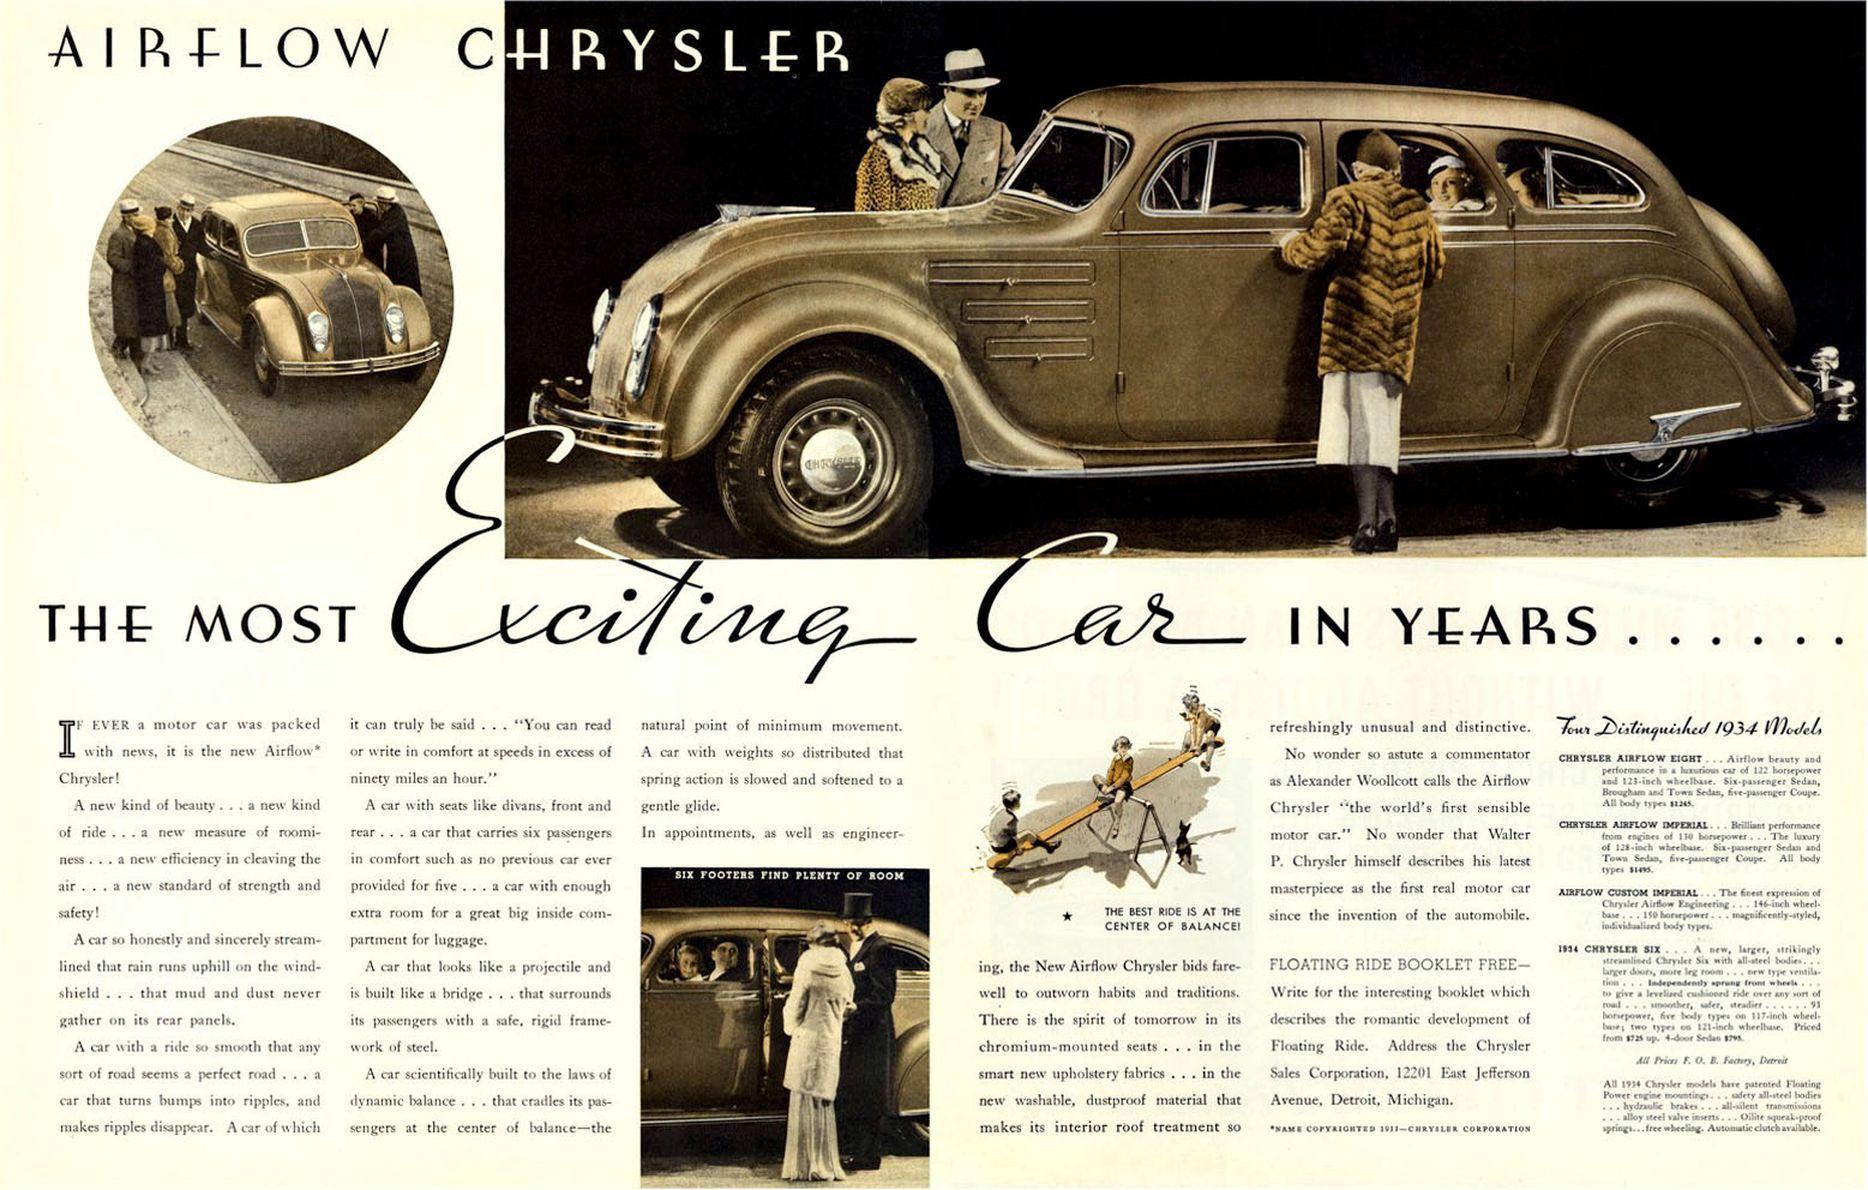 Печатная реклама автомобиля Chrysler Airflow, упоминающая все четыре доступные модели.